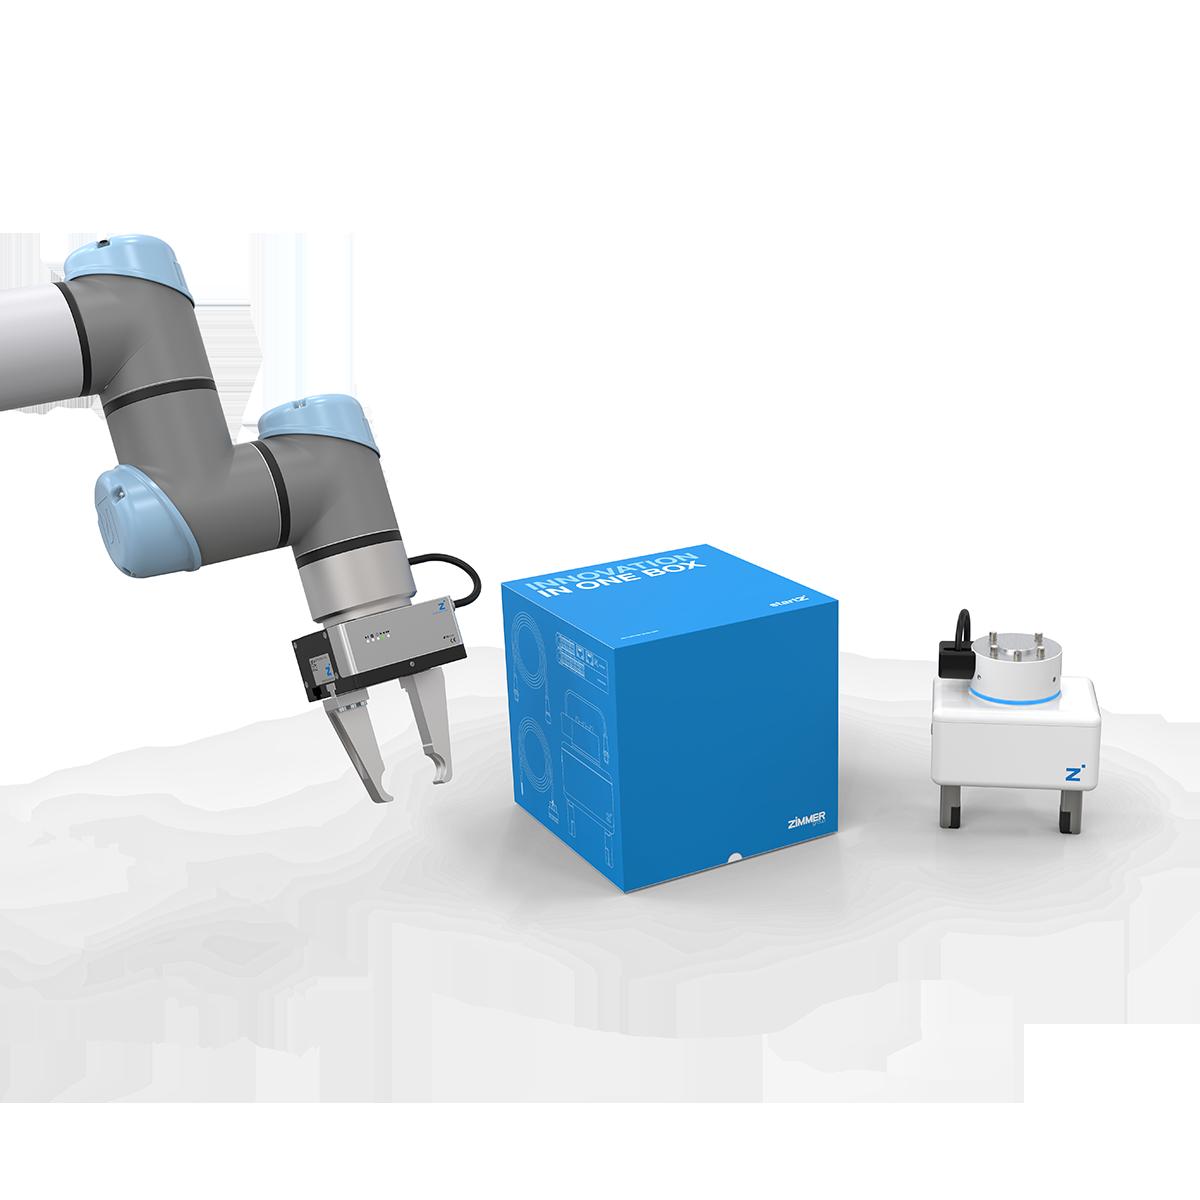 Roboter-Starter-Box zur einfachen Greiferintegration